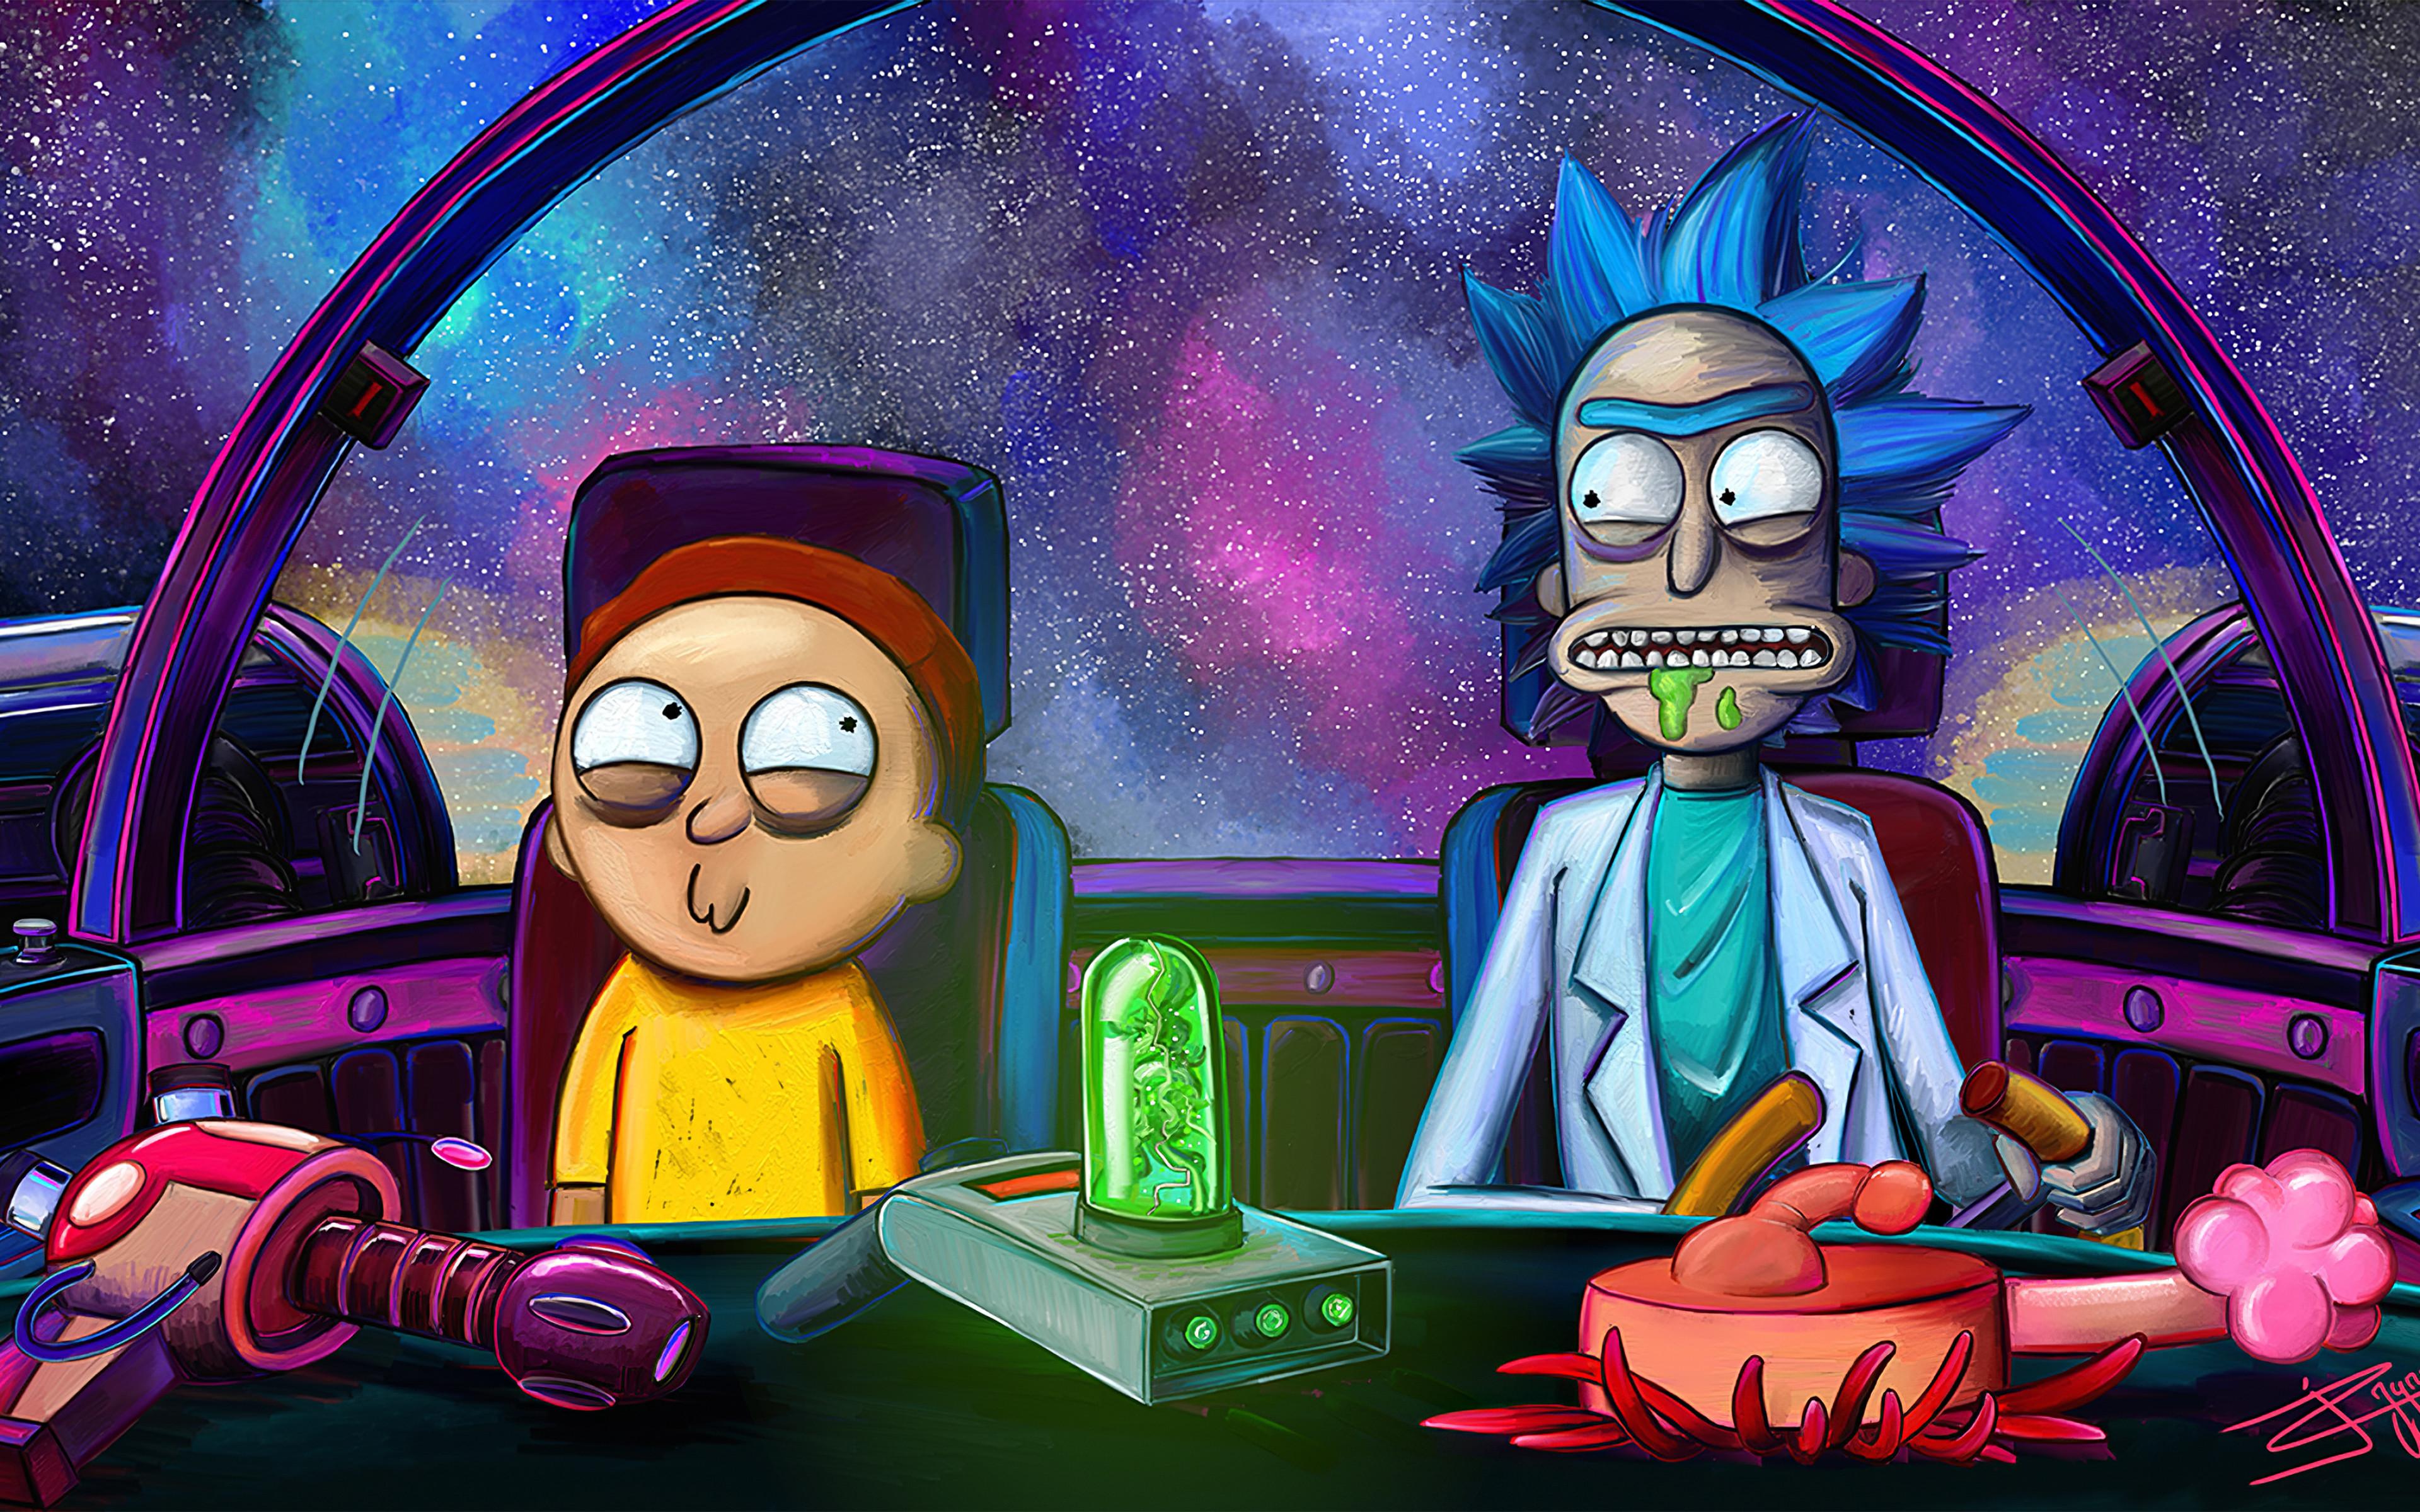 4k Rick And Morty 3840x2400 Wallpaper Teahub Io